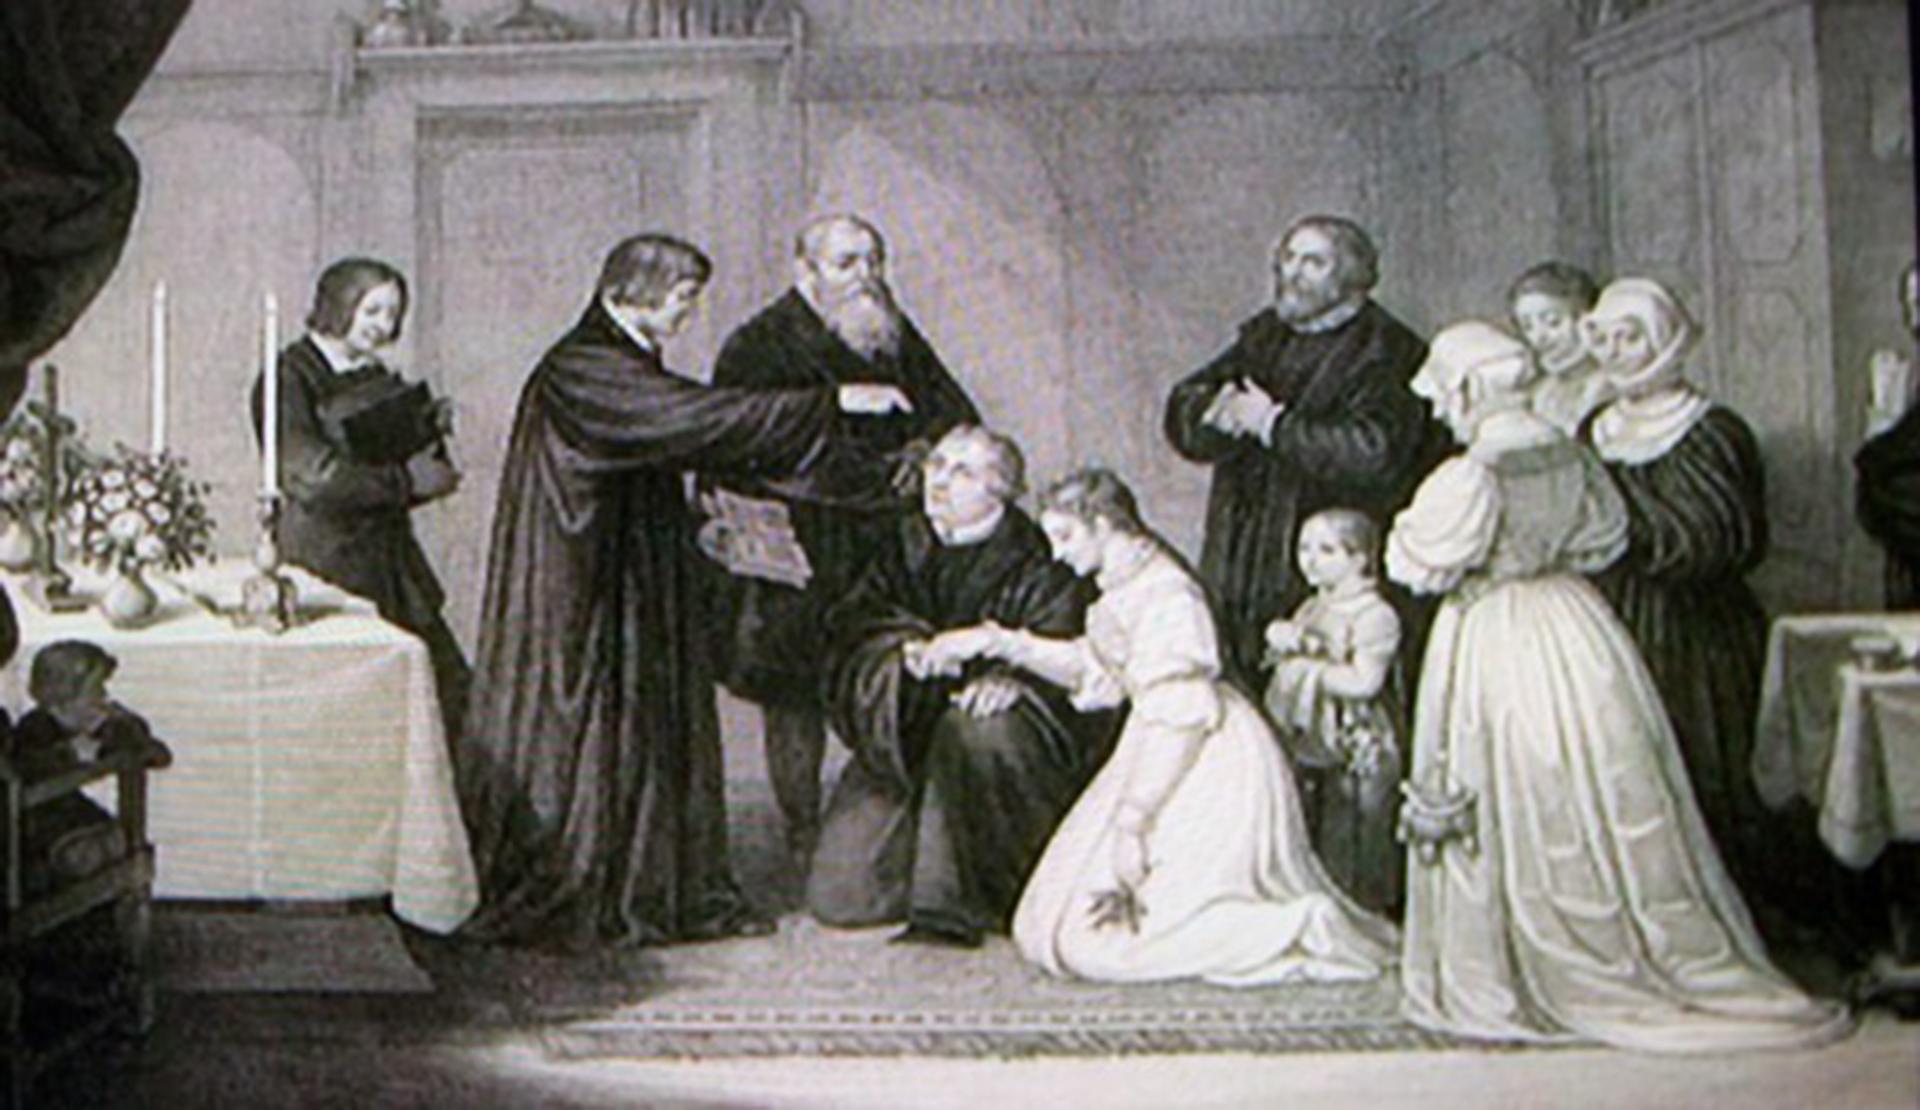 El casamiento de Lutero